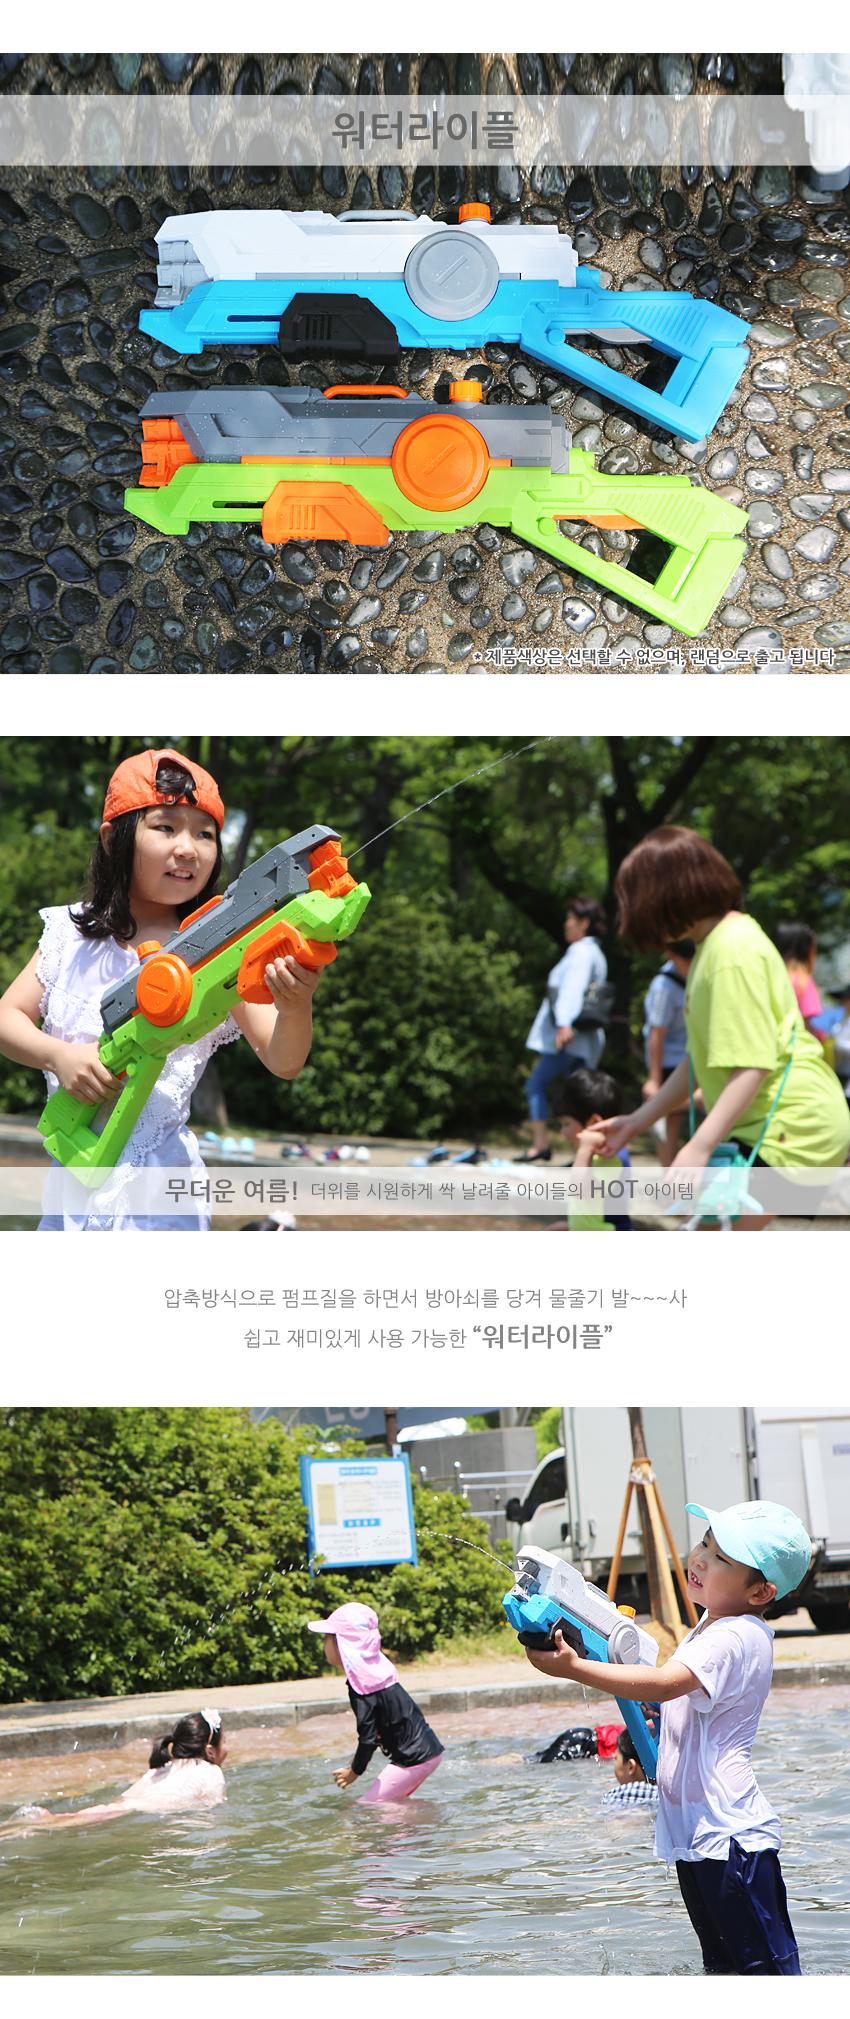 워터라이플 물총 여름완구 물총축제 여름완구 - 알사탕닷컴, 19,300원, 장난감총, 물총